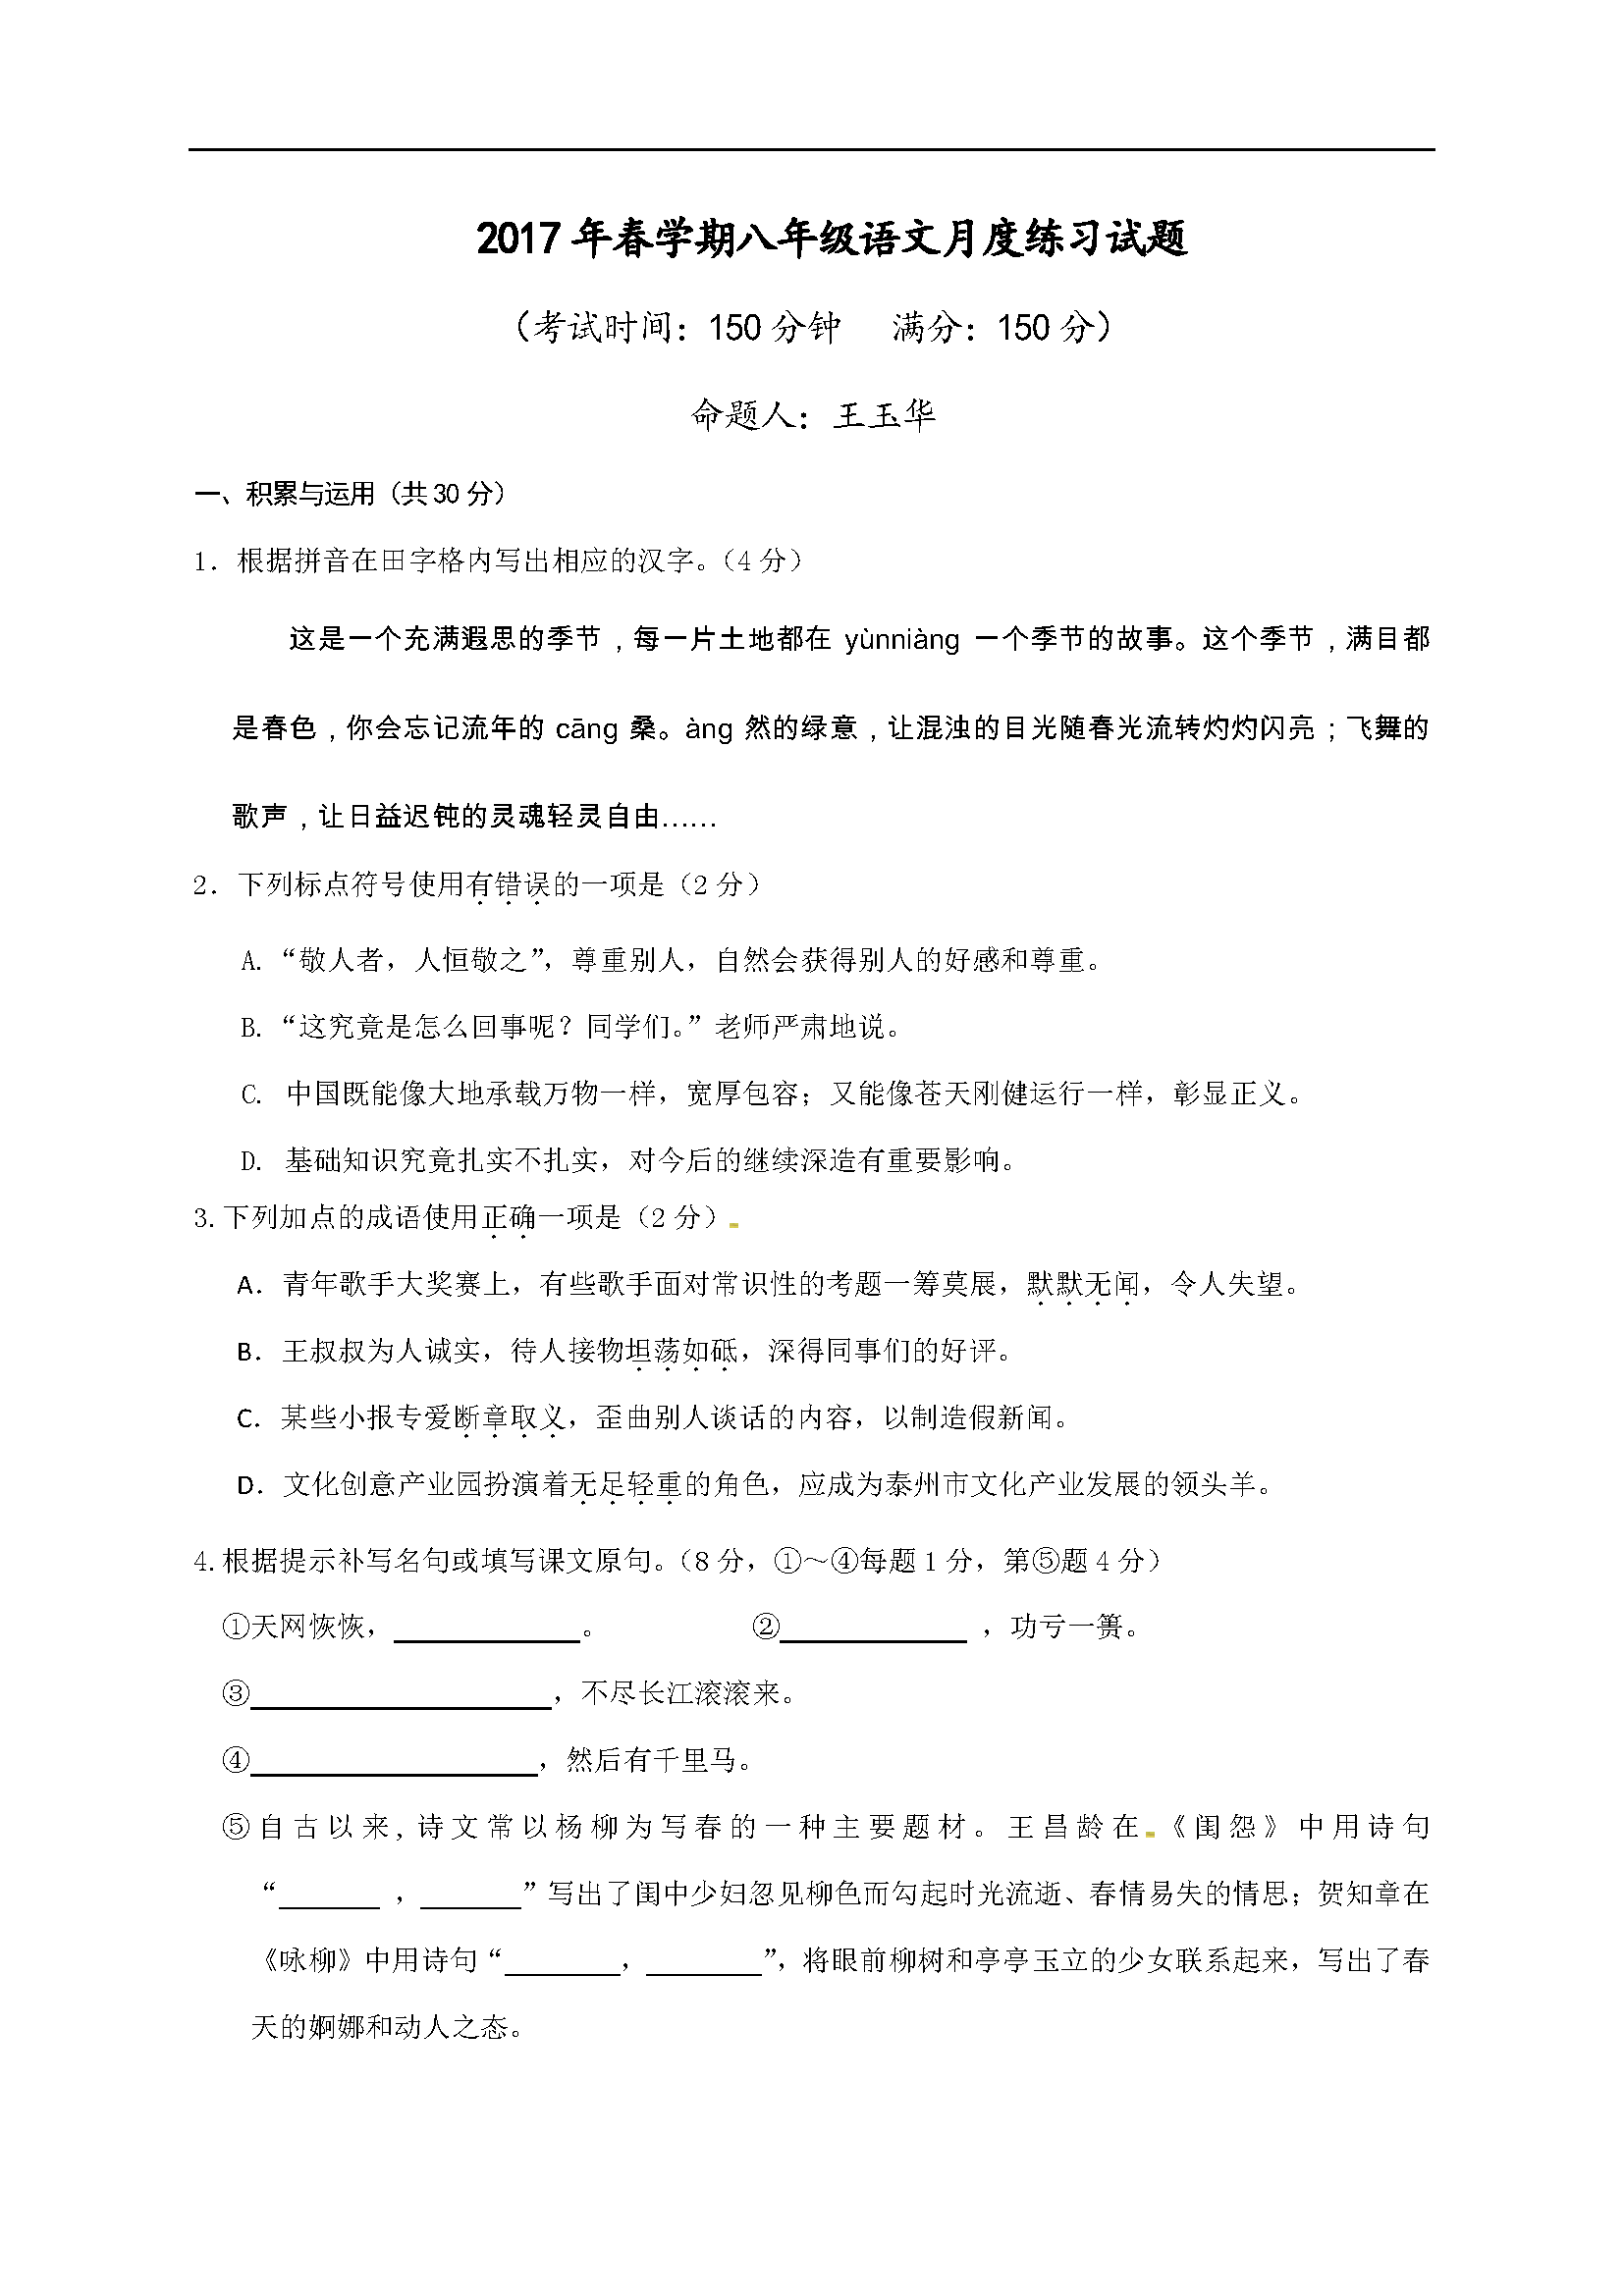 江苏泰州中学2016-2017学年八年级下第一次月考语文试题(图片版)